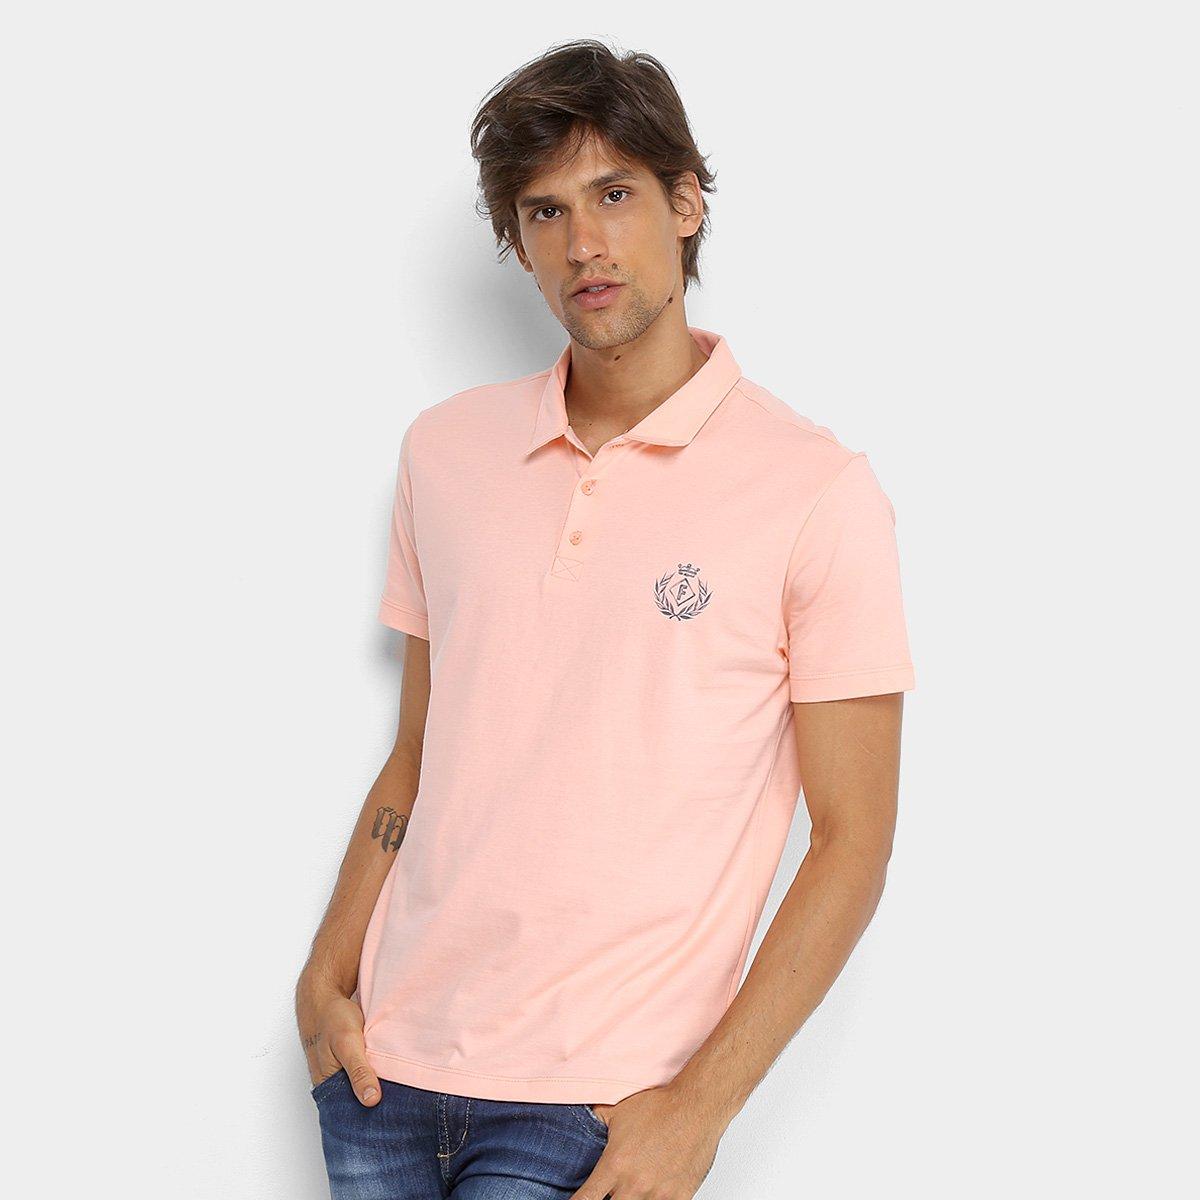 Camisa Polo Forum Malha Silk New Logo Masculina - Laranja Claro ... 007f5b0a7a4a8